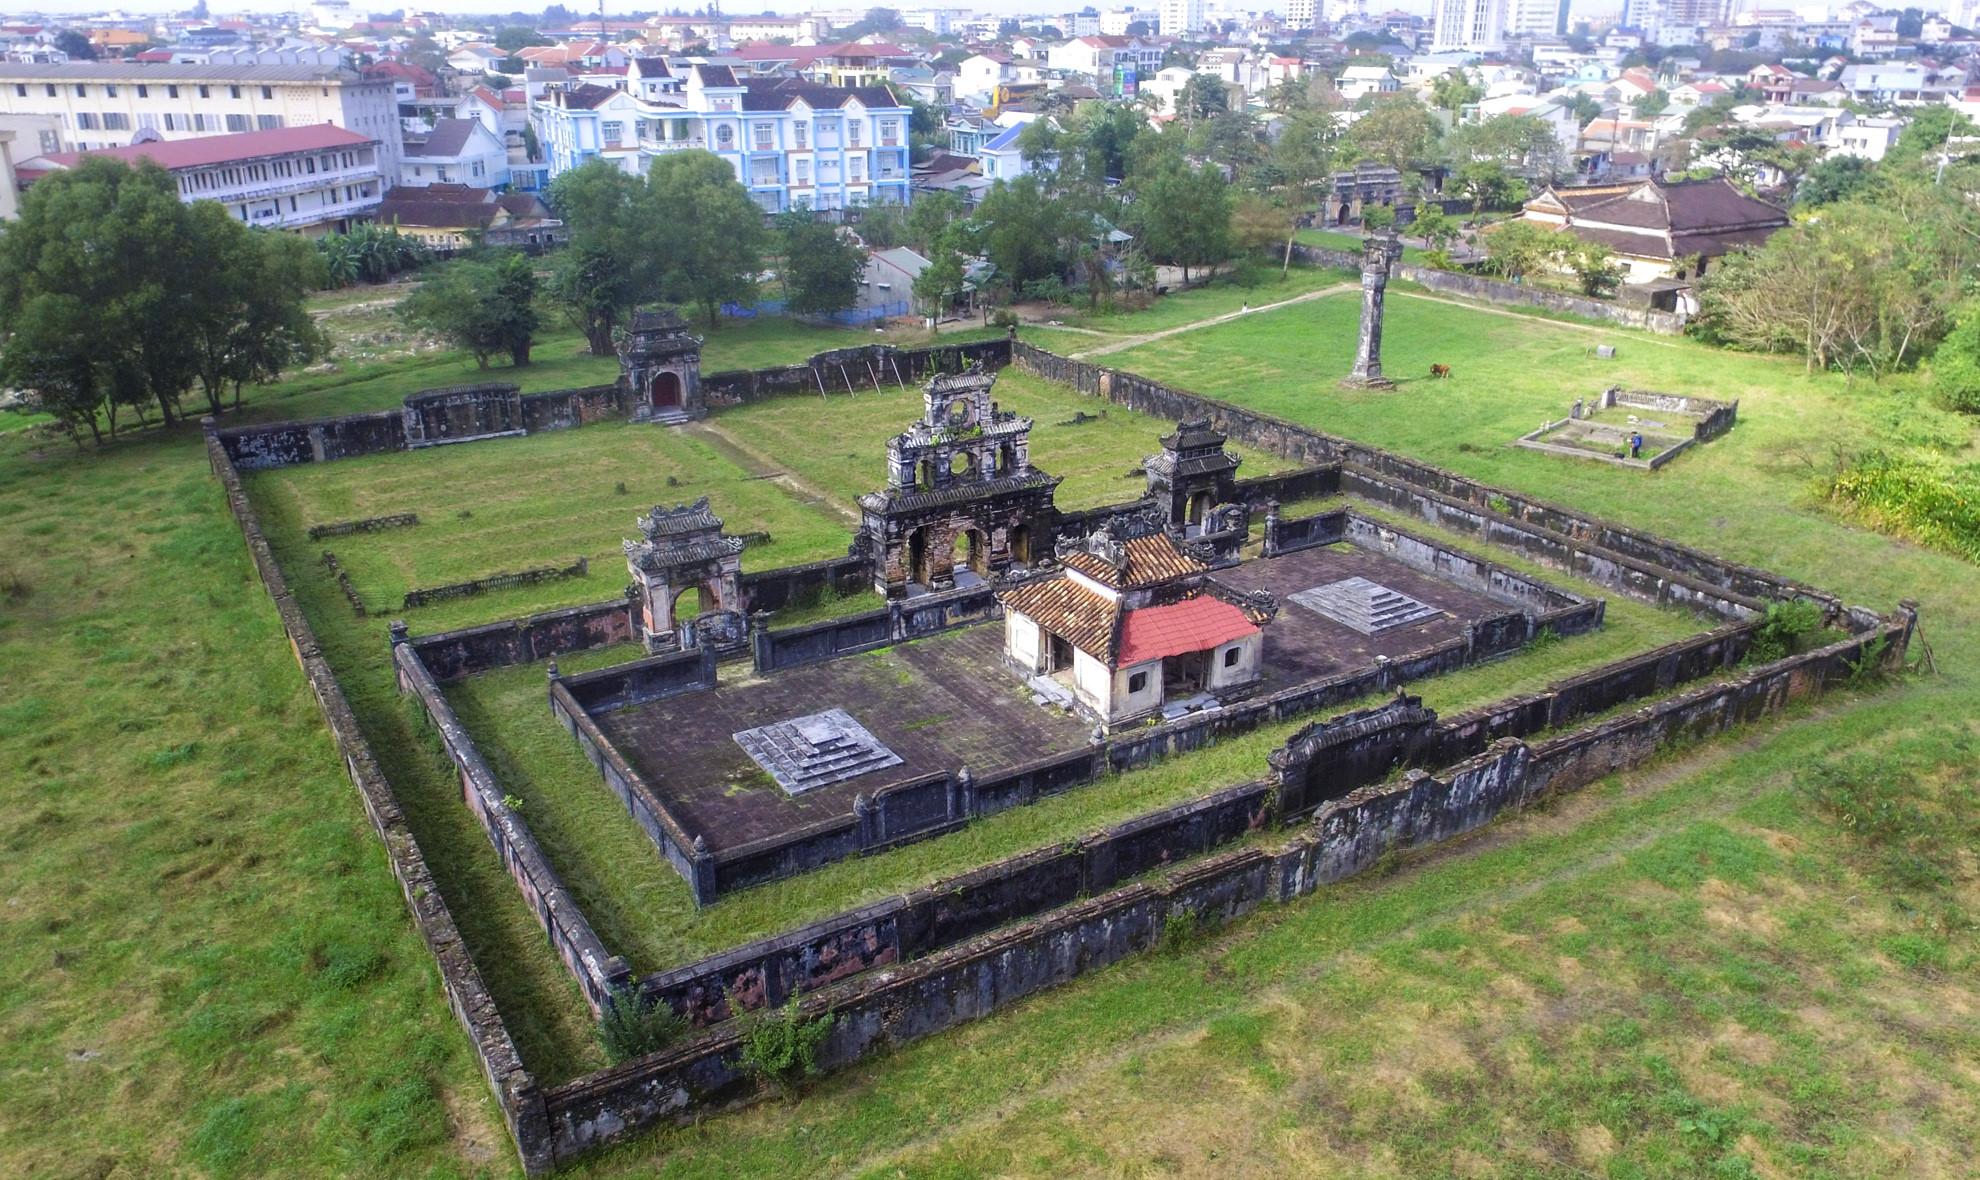 Khu lăng mộ chung của 3 vị vua triều Nguyễn